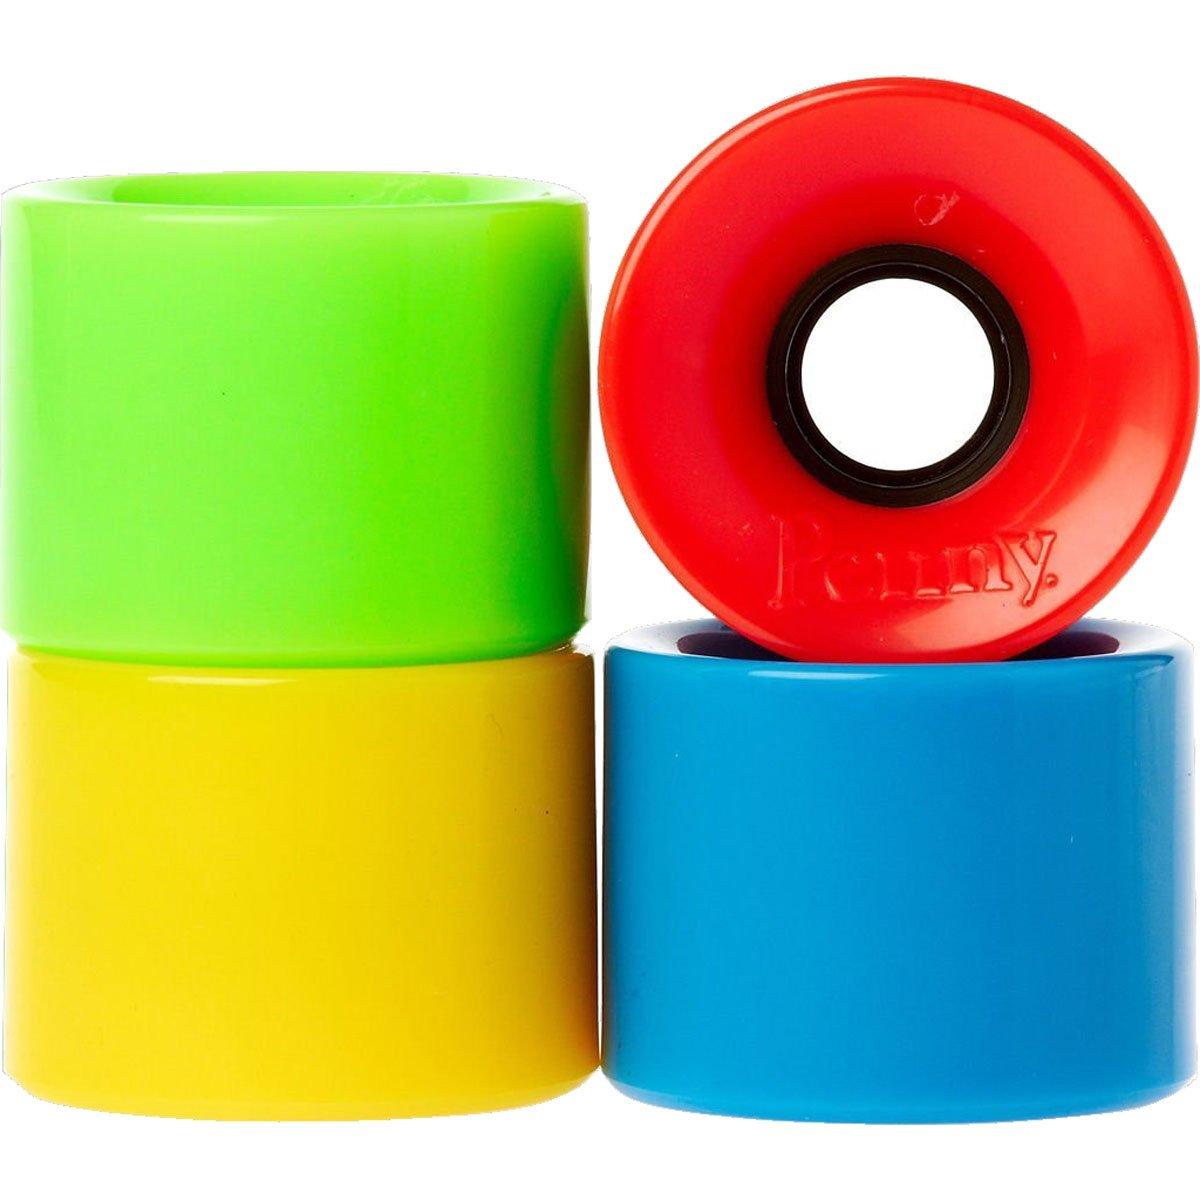 Penny 4-setマルチパックスケートボードホイール、ブルー/グリーン/レッド/イエロー、59 mm   B00DI8INTQ